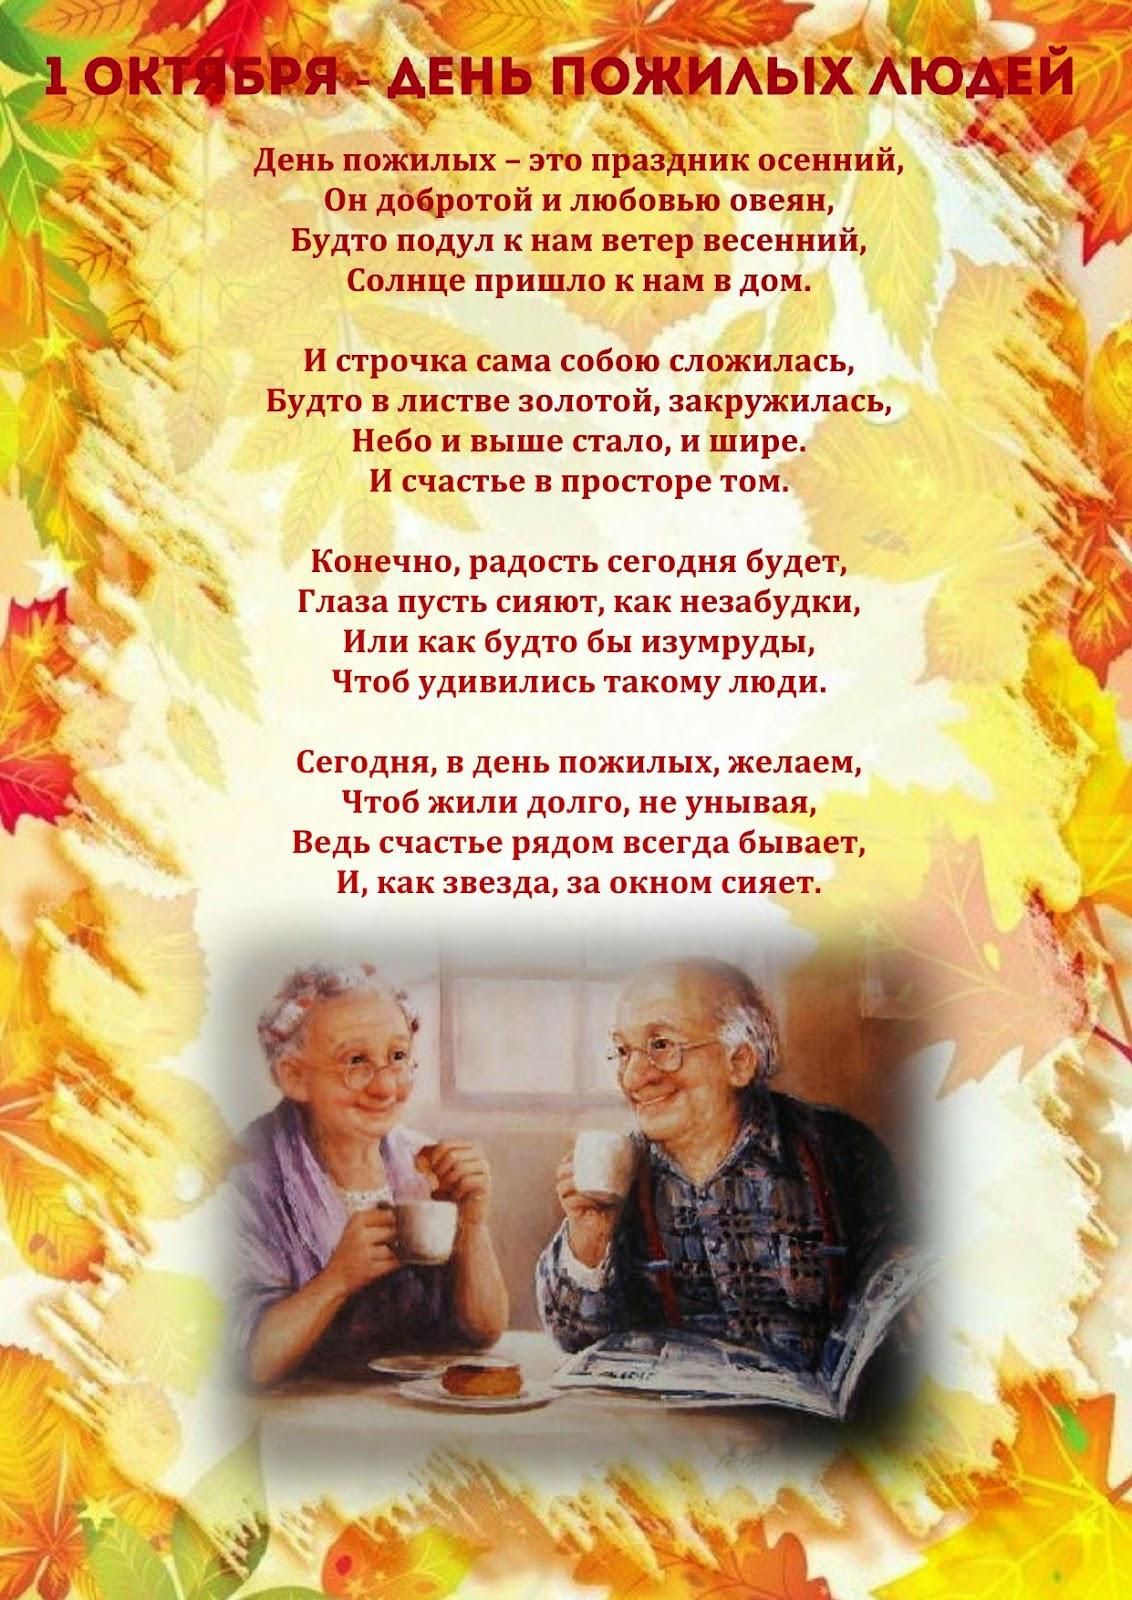 Поздравление детей на день пожилого человека